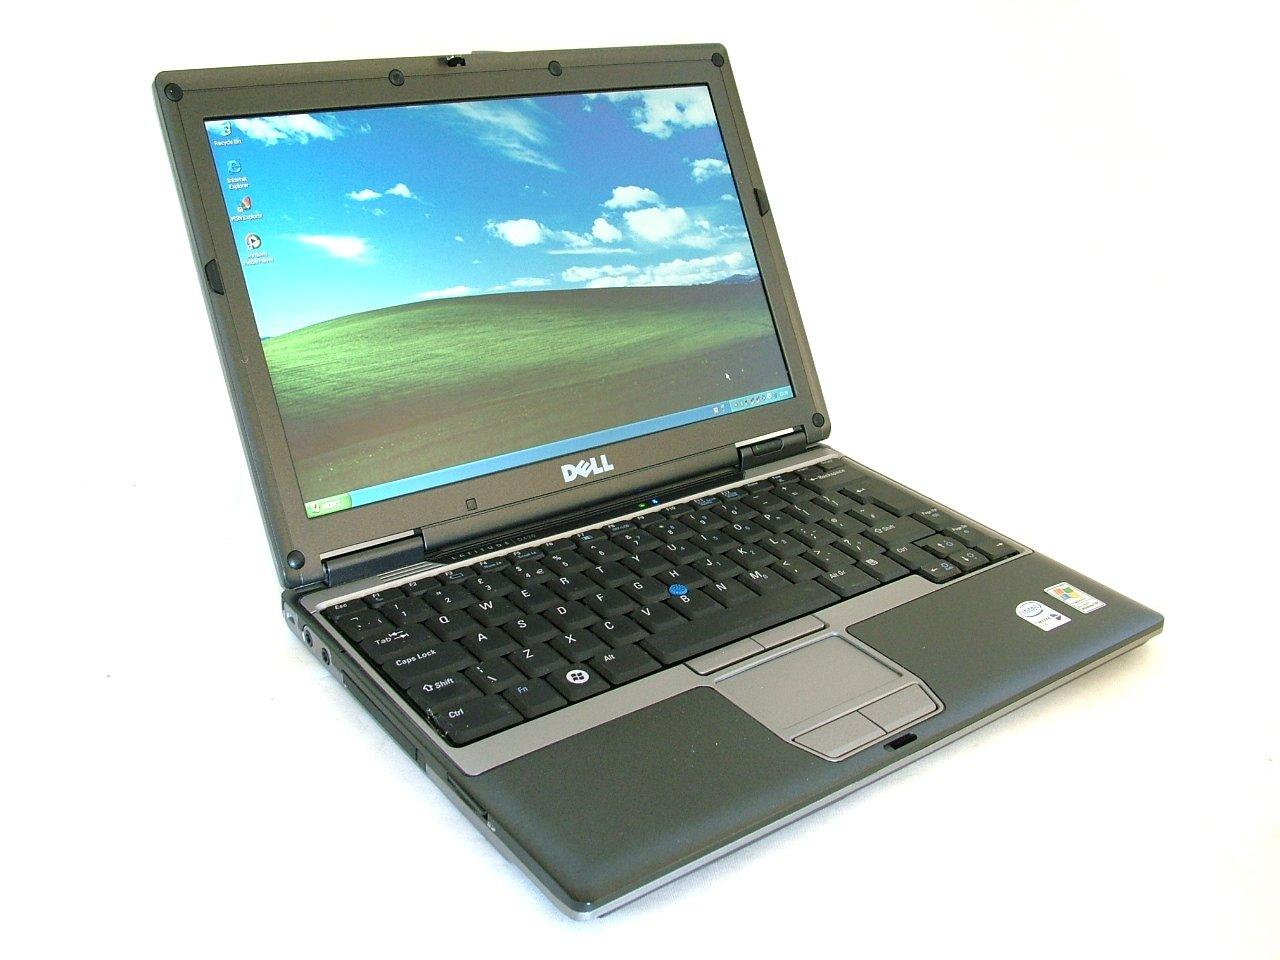 Dell-Latitude-D430-12-1-Core-2-Duo-60GB-Notebook